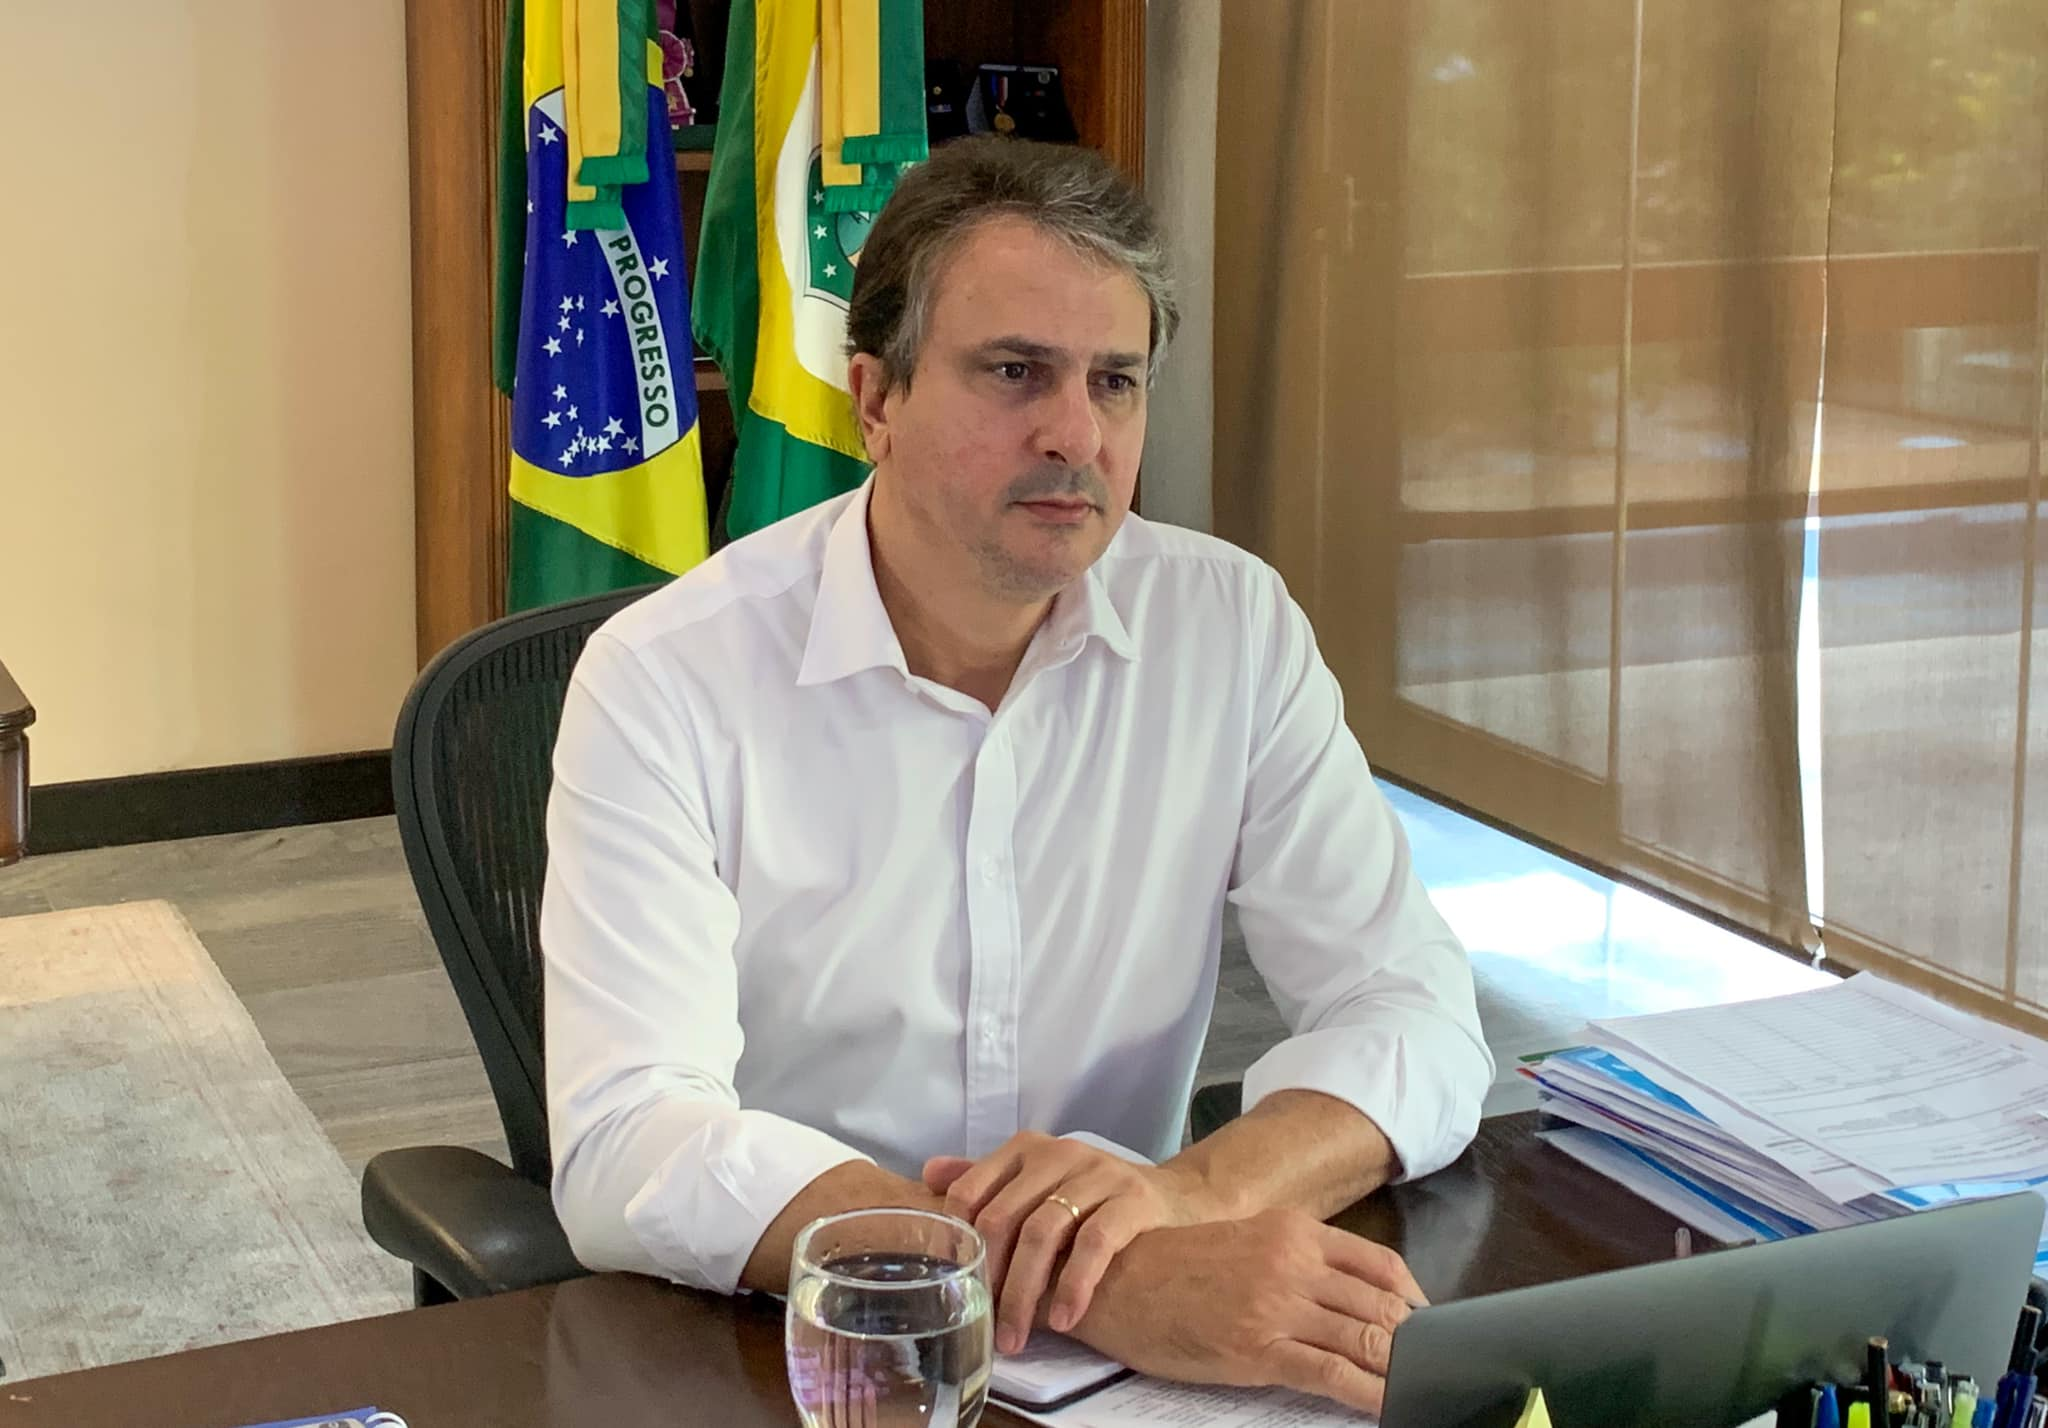 Enviado à Rússia, representante do NE tentará viabilizar liberação da Sputinik V, diz Camilo Santana